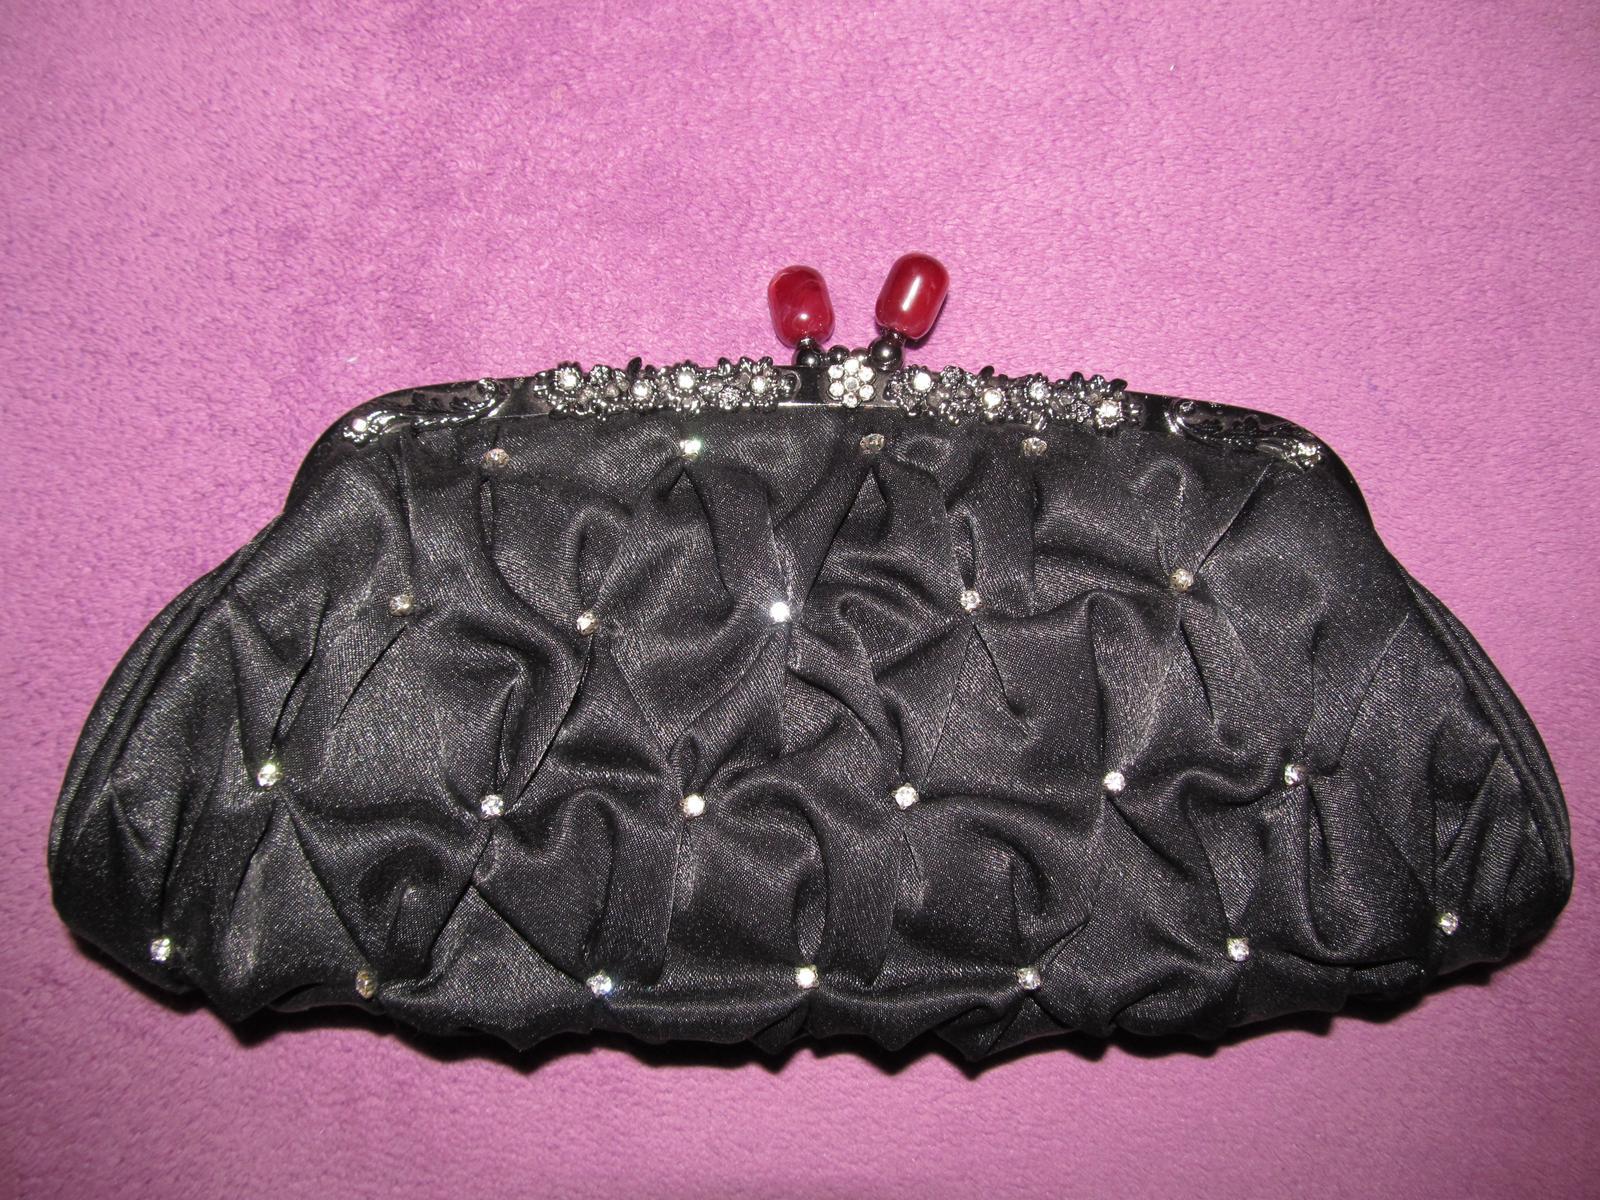 čierna príležitostná kabelka - Obrázok č. 1